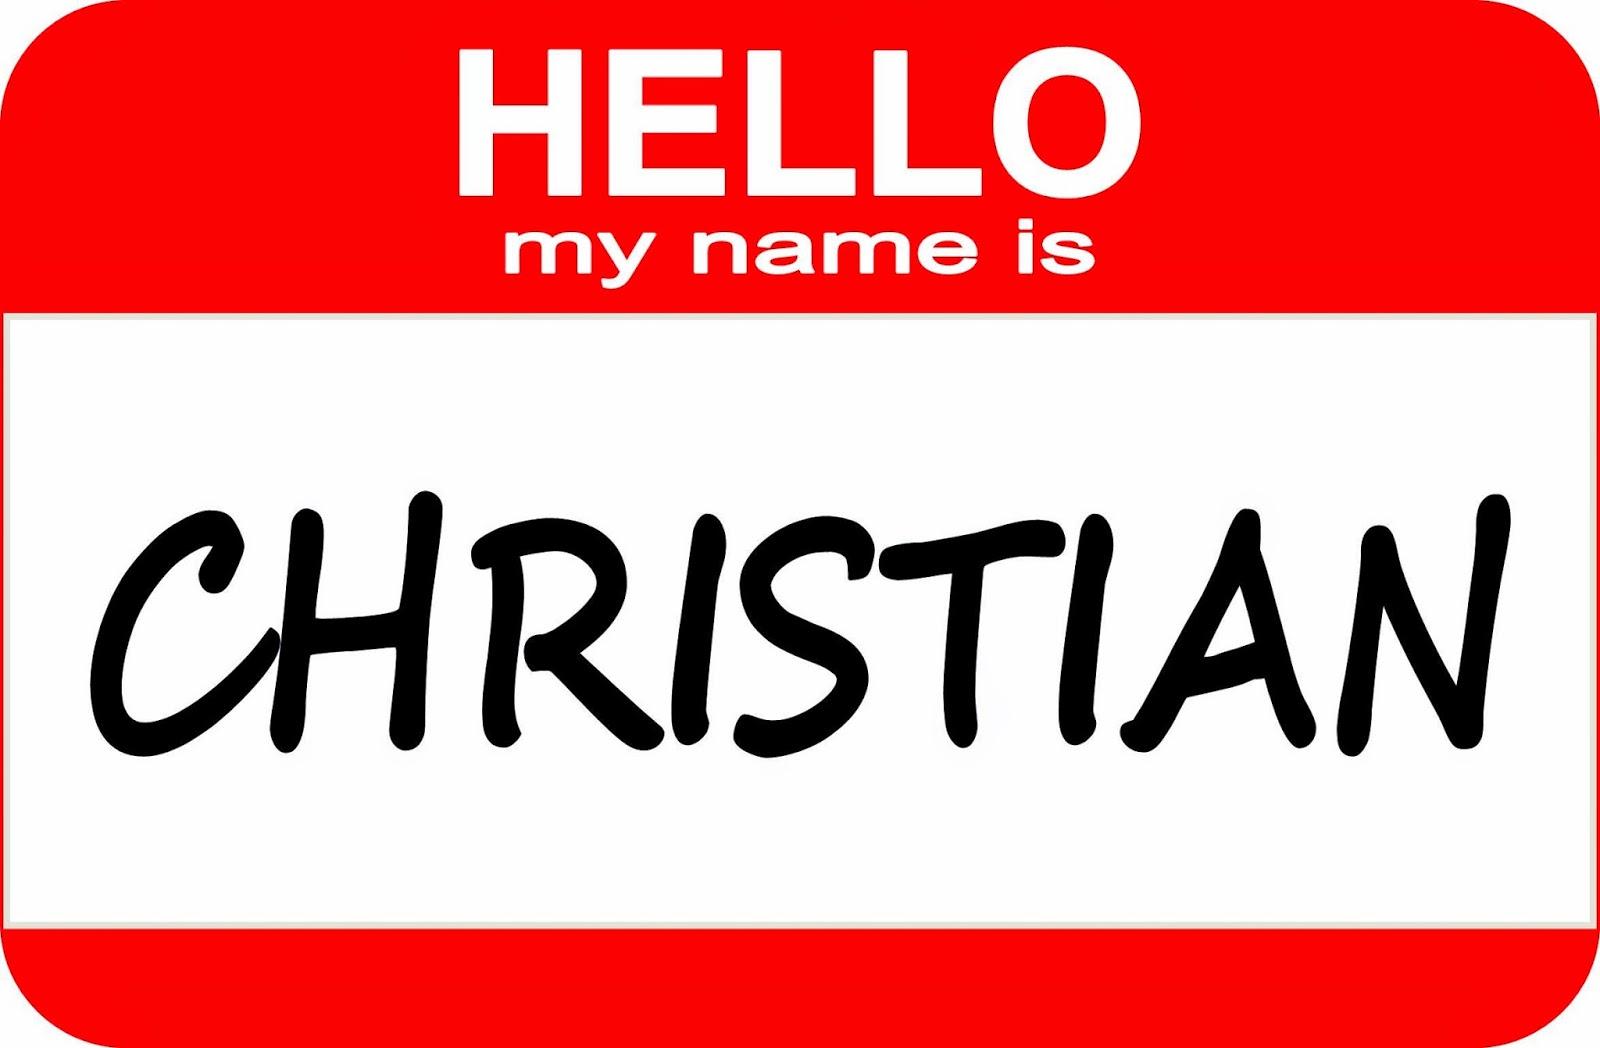 Name Tag Christian.jpg